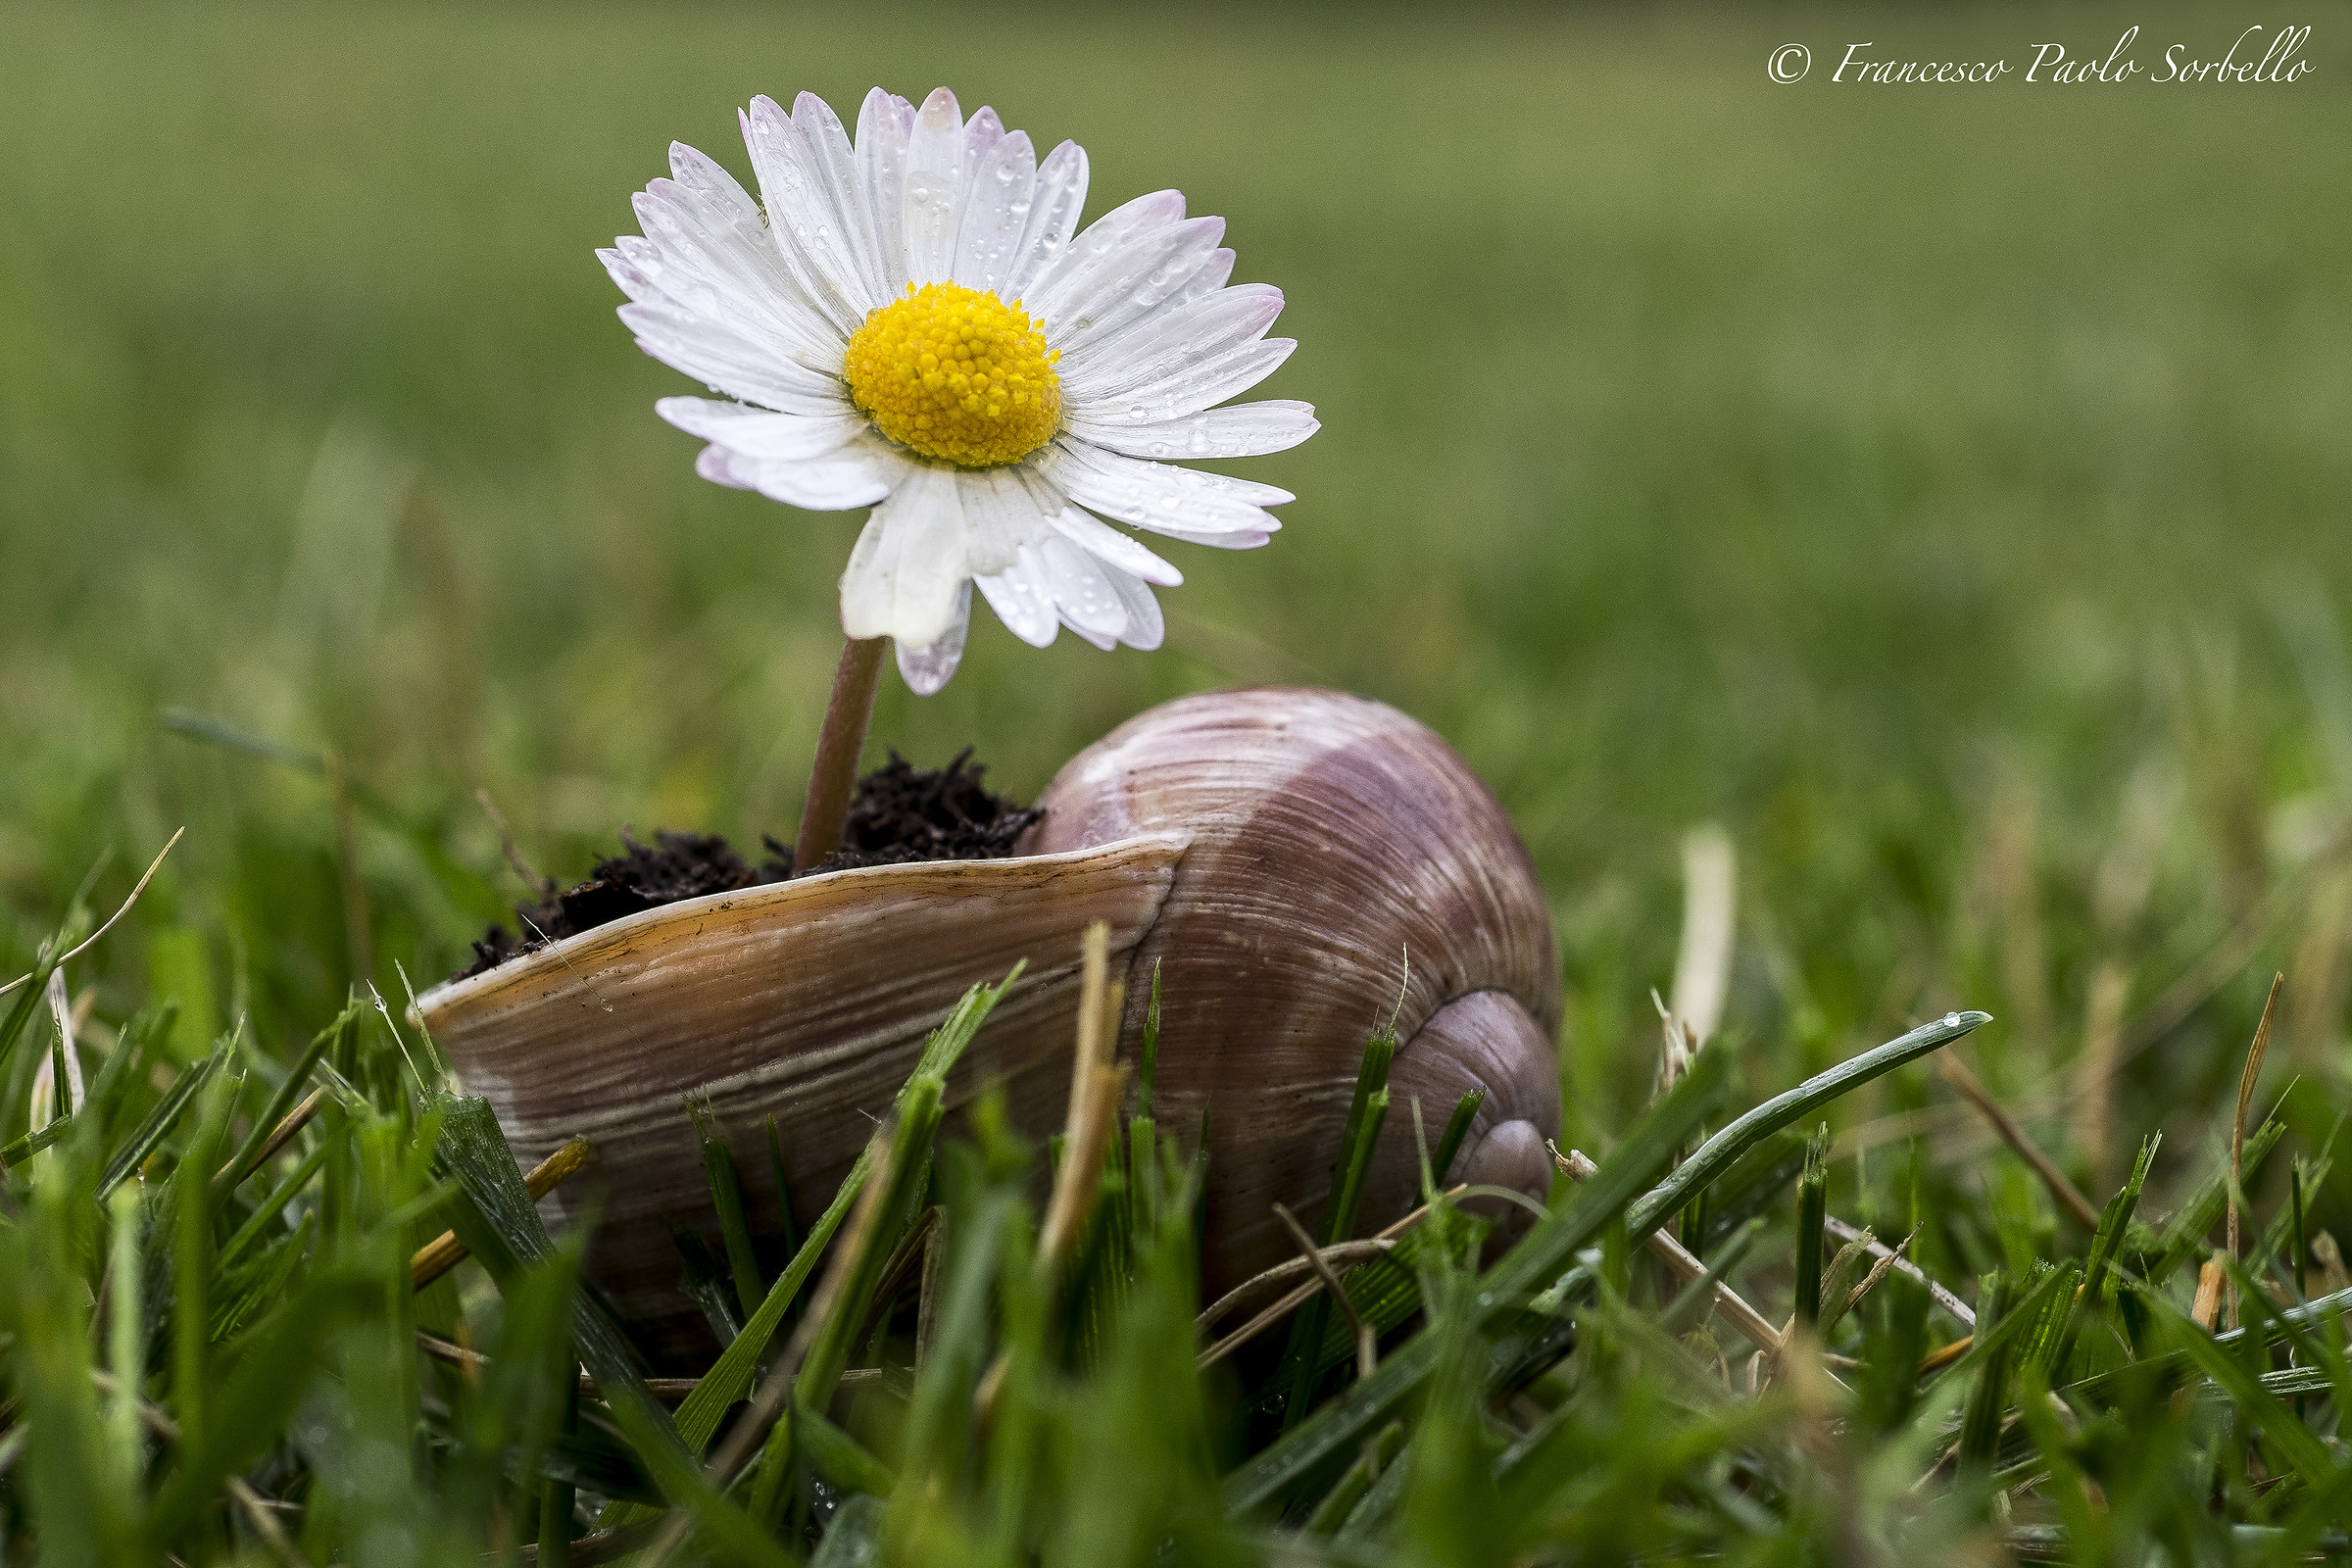 daisy and shell...